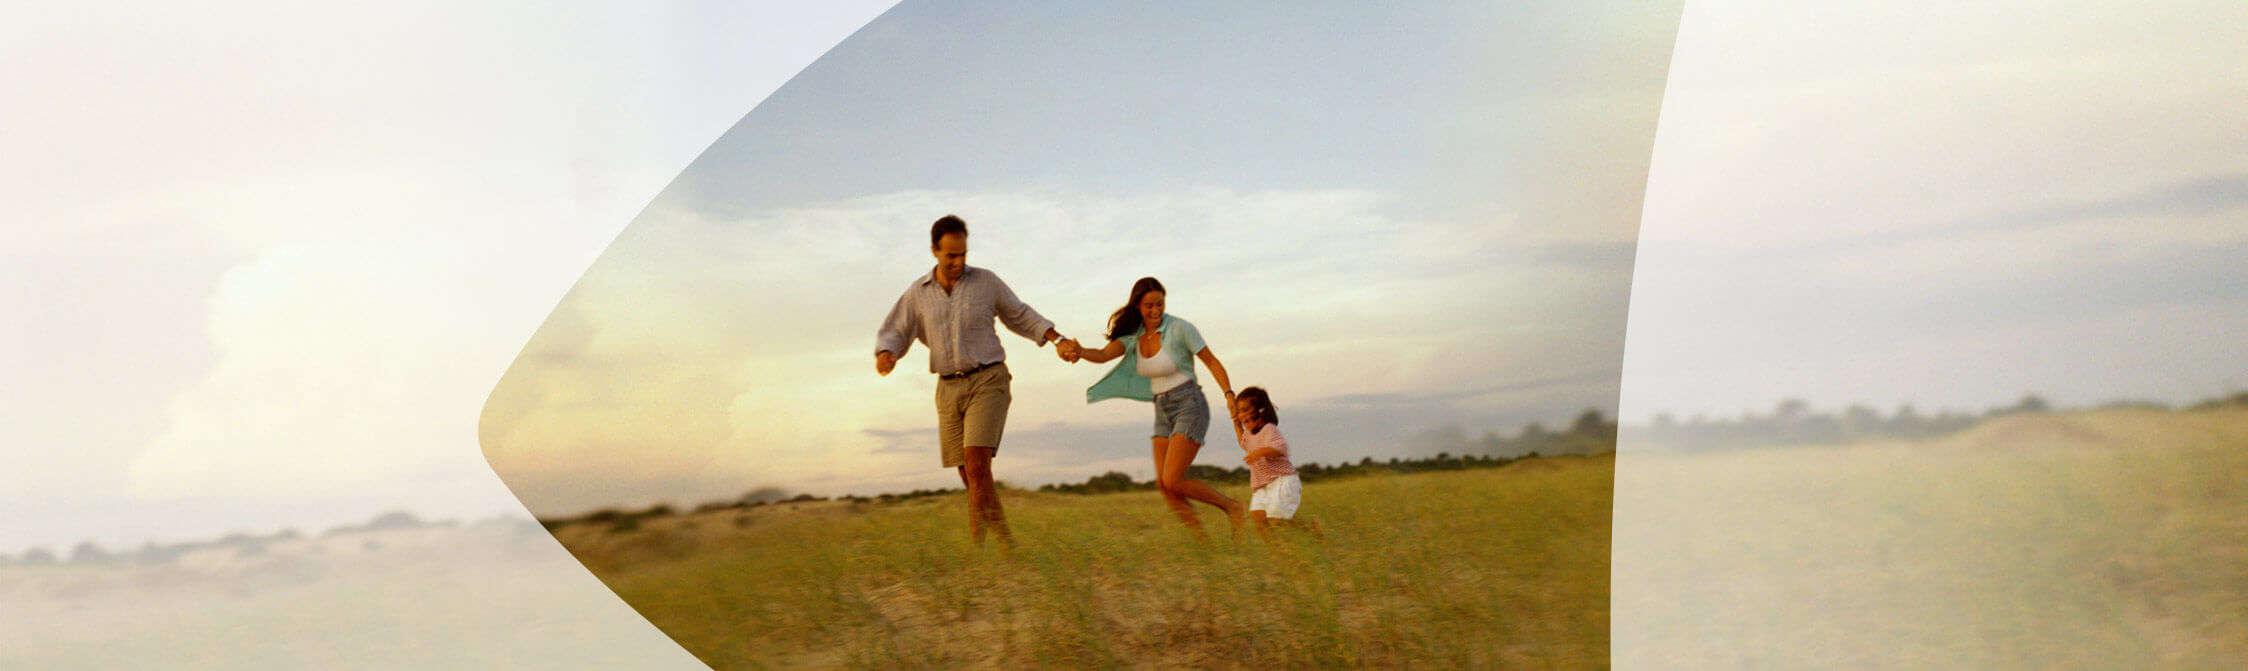 Famille de jouer ensemble dans un champ